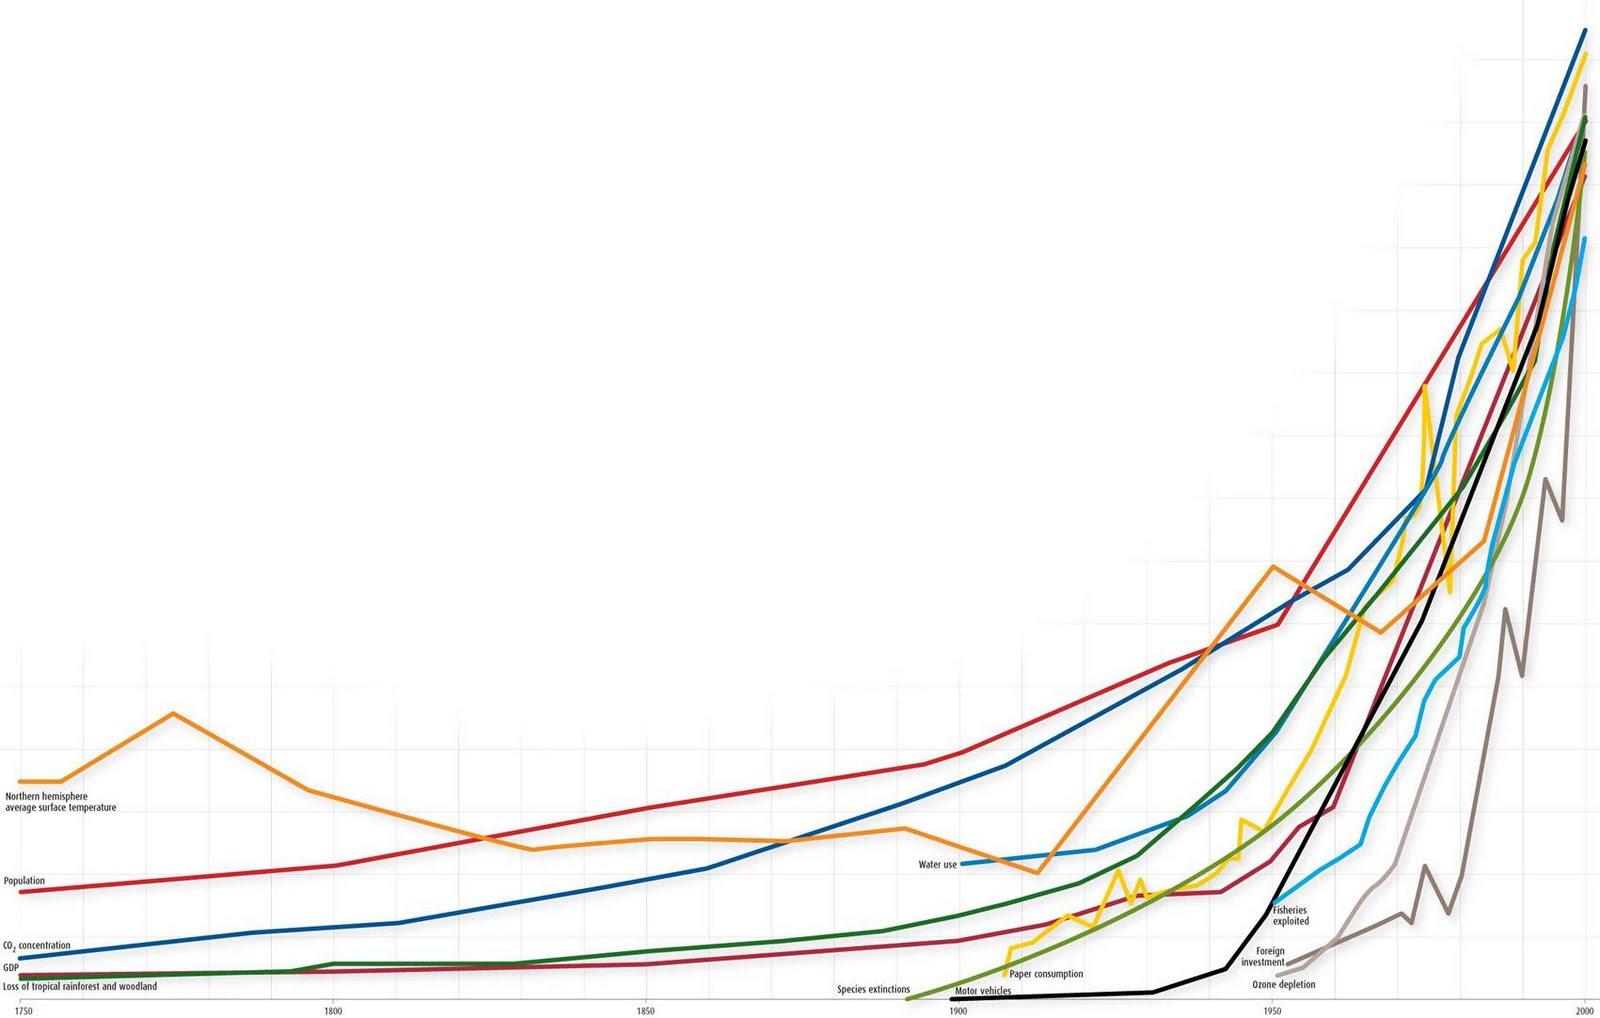 En grafisk framställning av utvecklingen sedan 1750, sett till koldioxid i atmosfären, befolkningsmängd, artutrotning, etc.